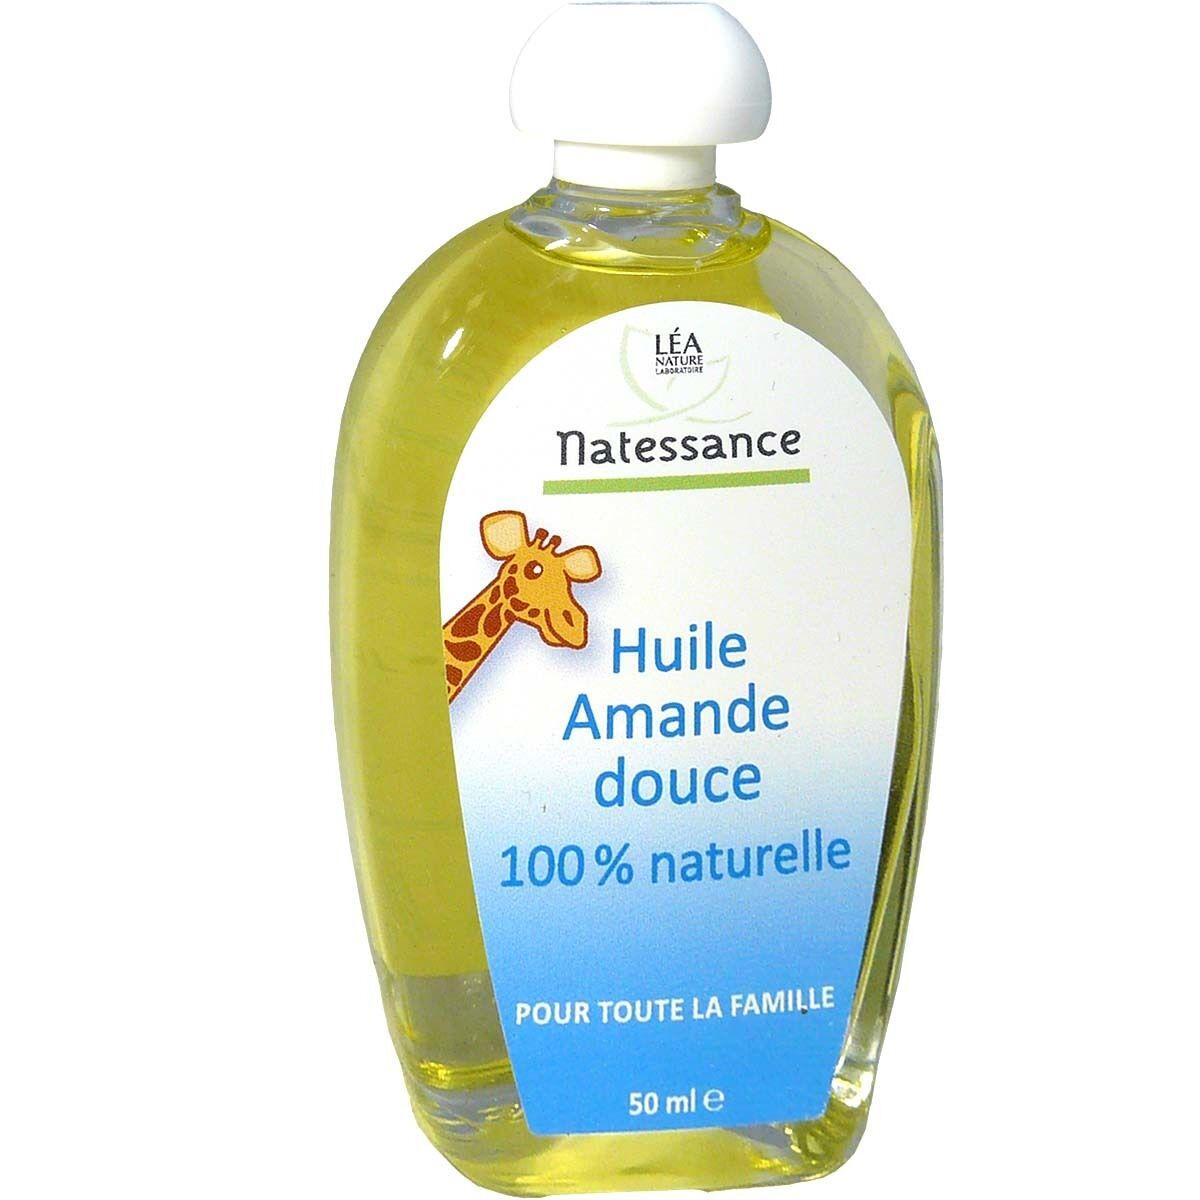 Natessance huile amande douce 50 ml